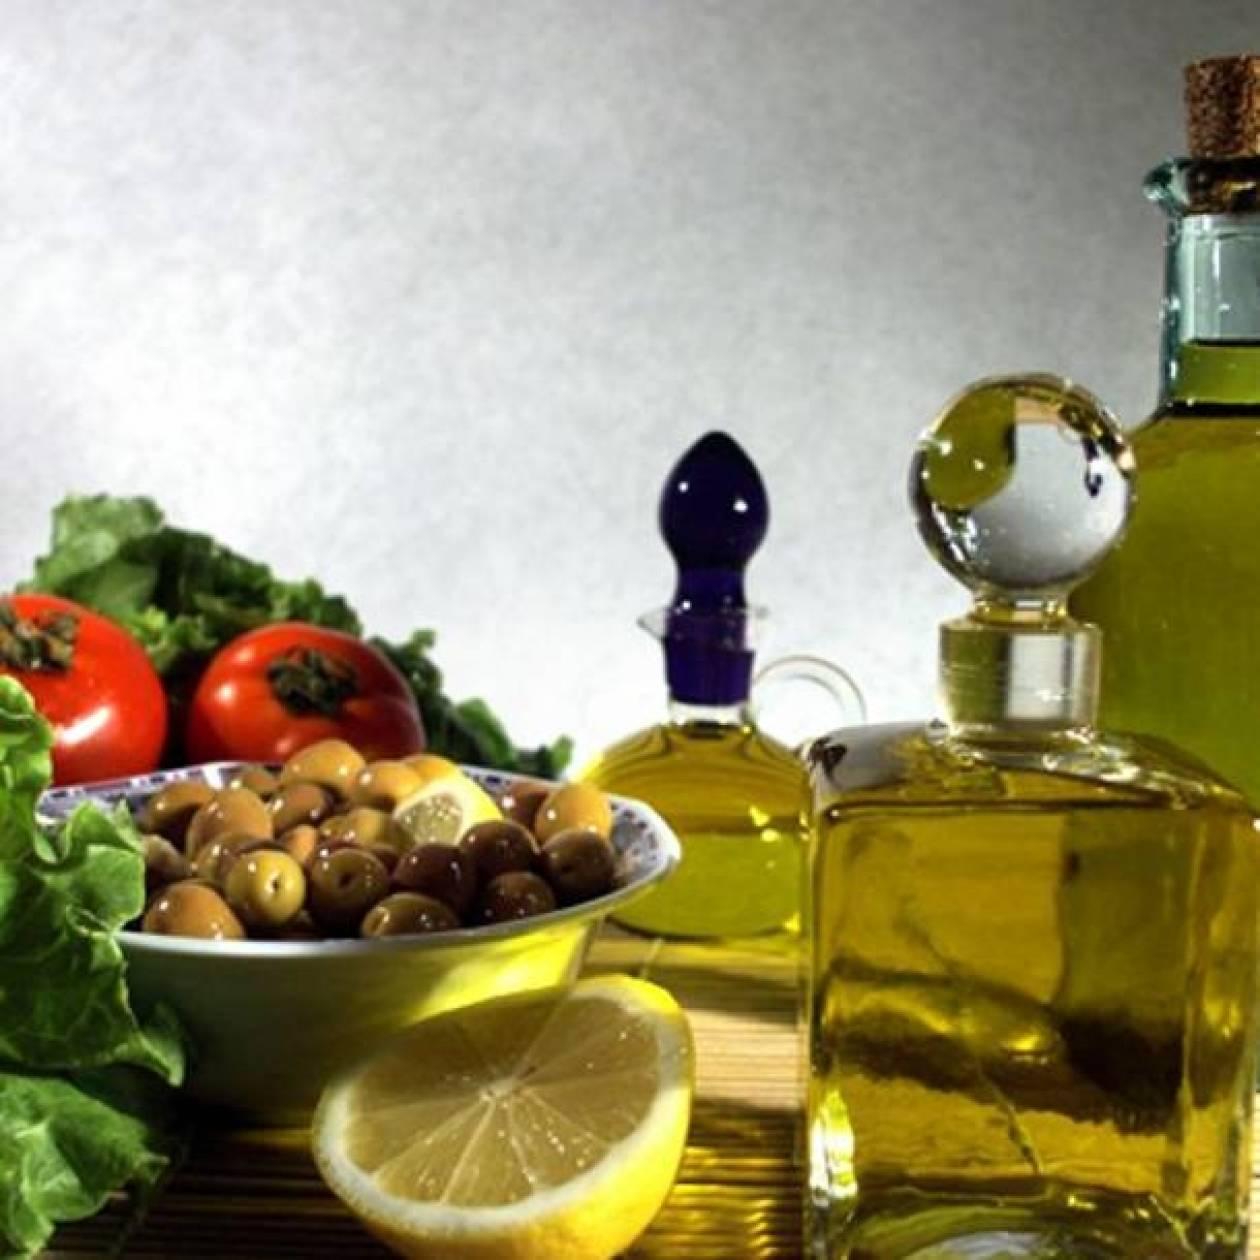 Η οικονομική κρίση «χτύπησε» και τη Μεσογειακή διατροφή